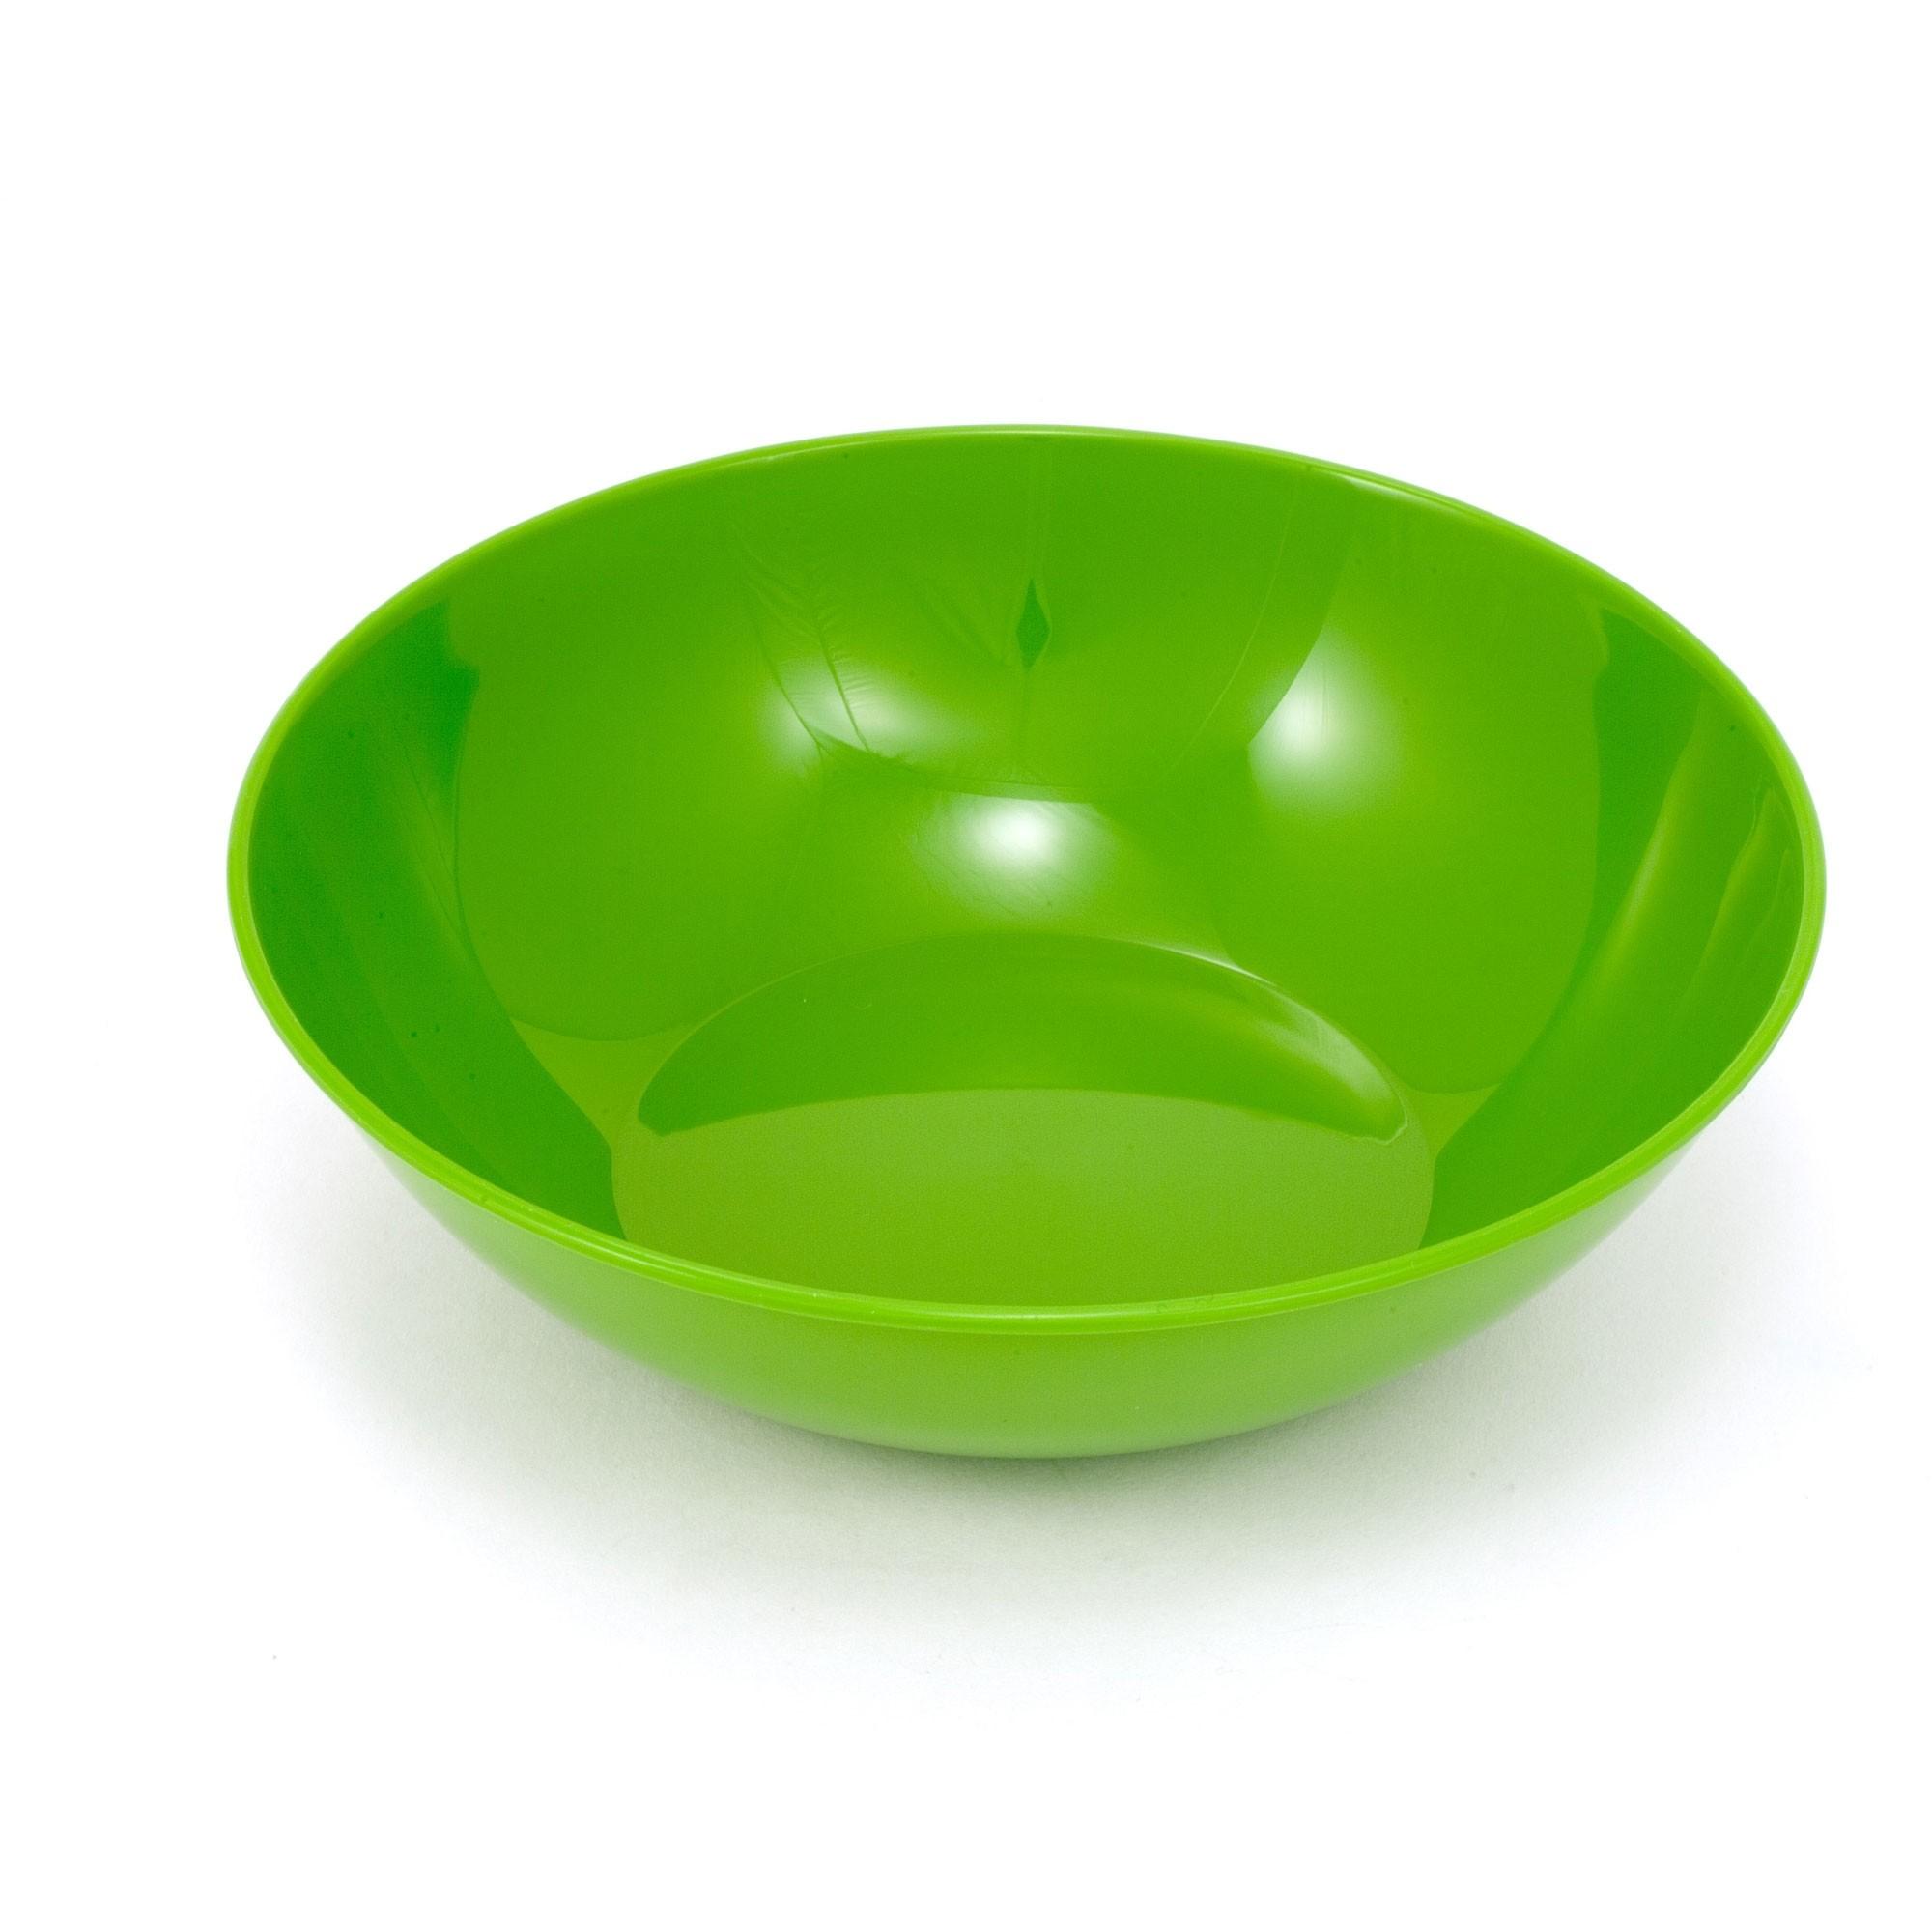 GSI Cascadian Bowl - Green